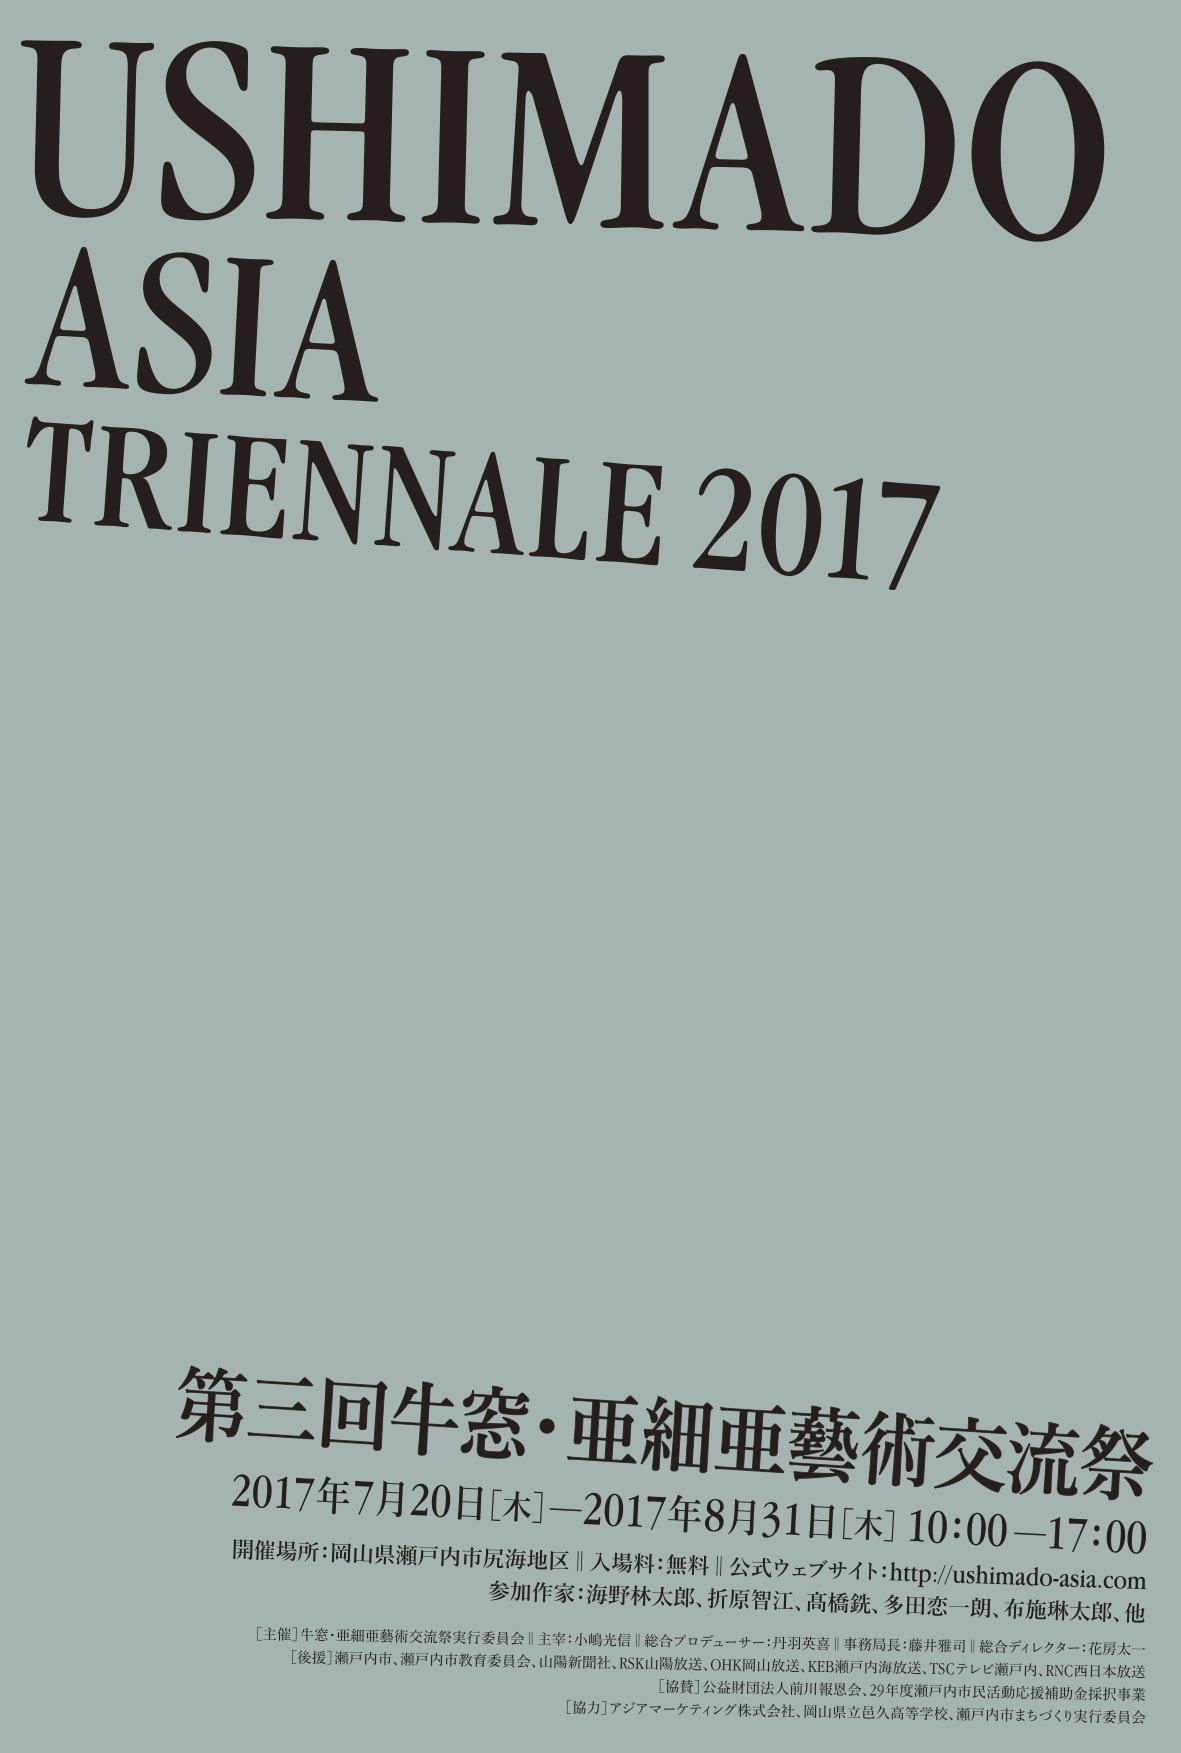 第3回牛窓・亜細亜芸術交流祭 Ushimado Asia Triennale2017